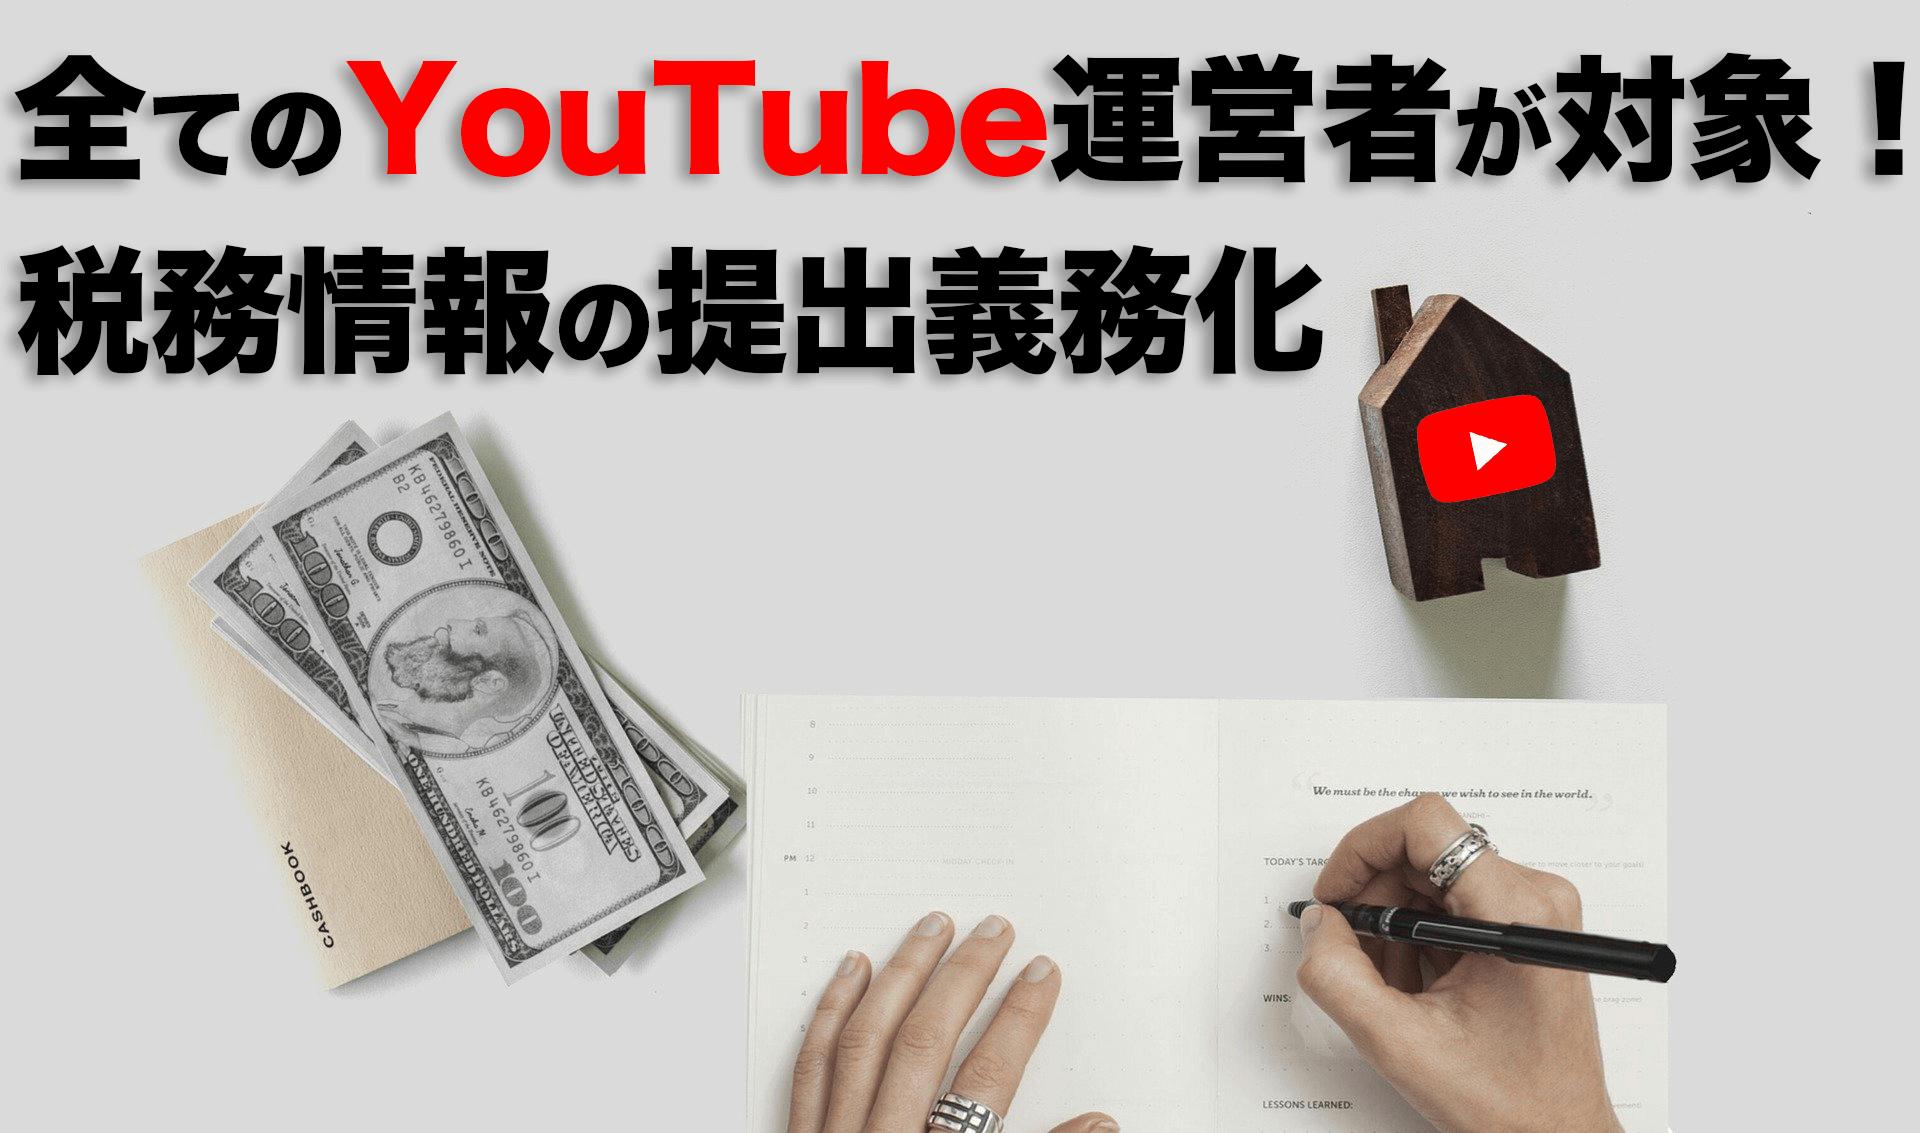 全てのYouTube運営者が対象!税務情報の提出義務化について解説!